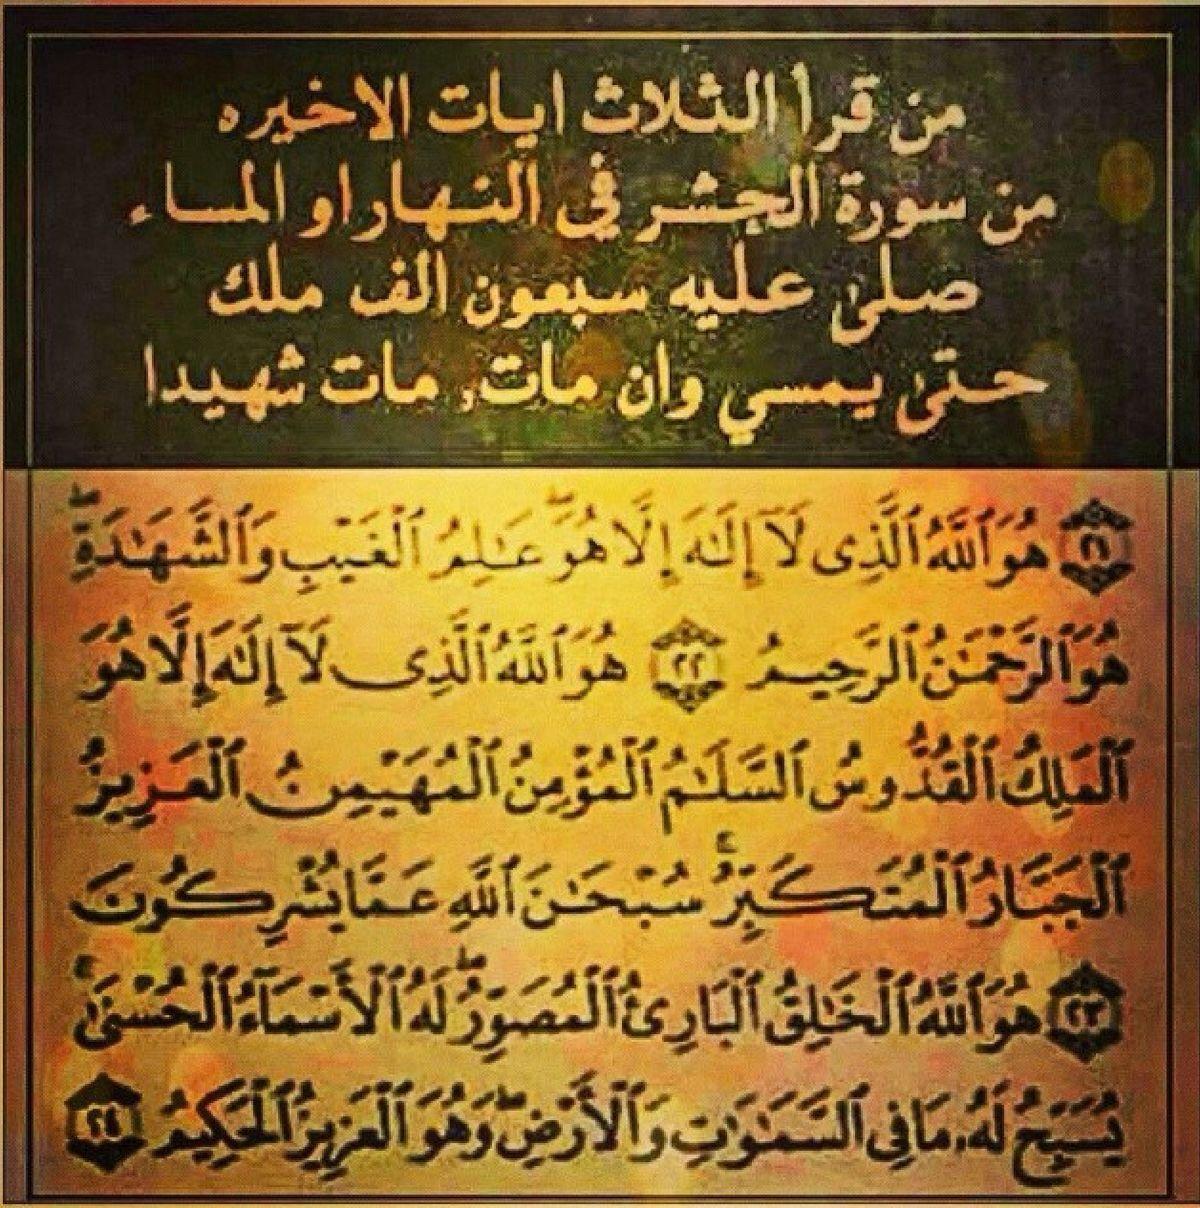 فضل قرأة سورة الحشر Quran Quotes Love Islamic Phrases Quran Quotes